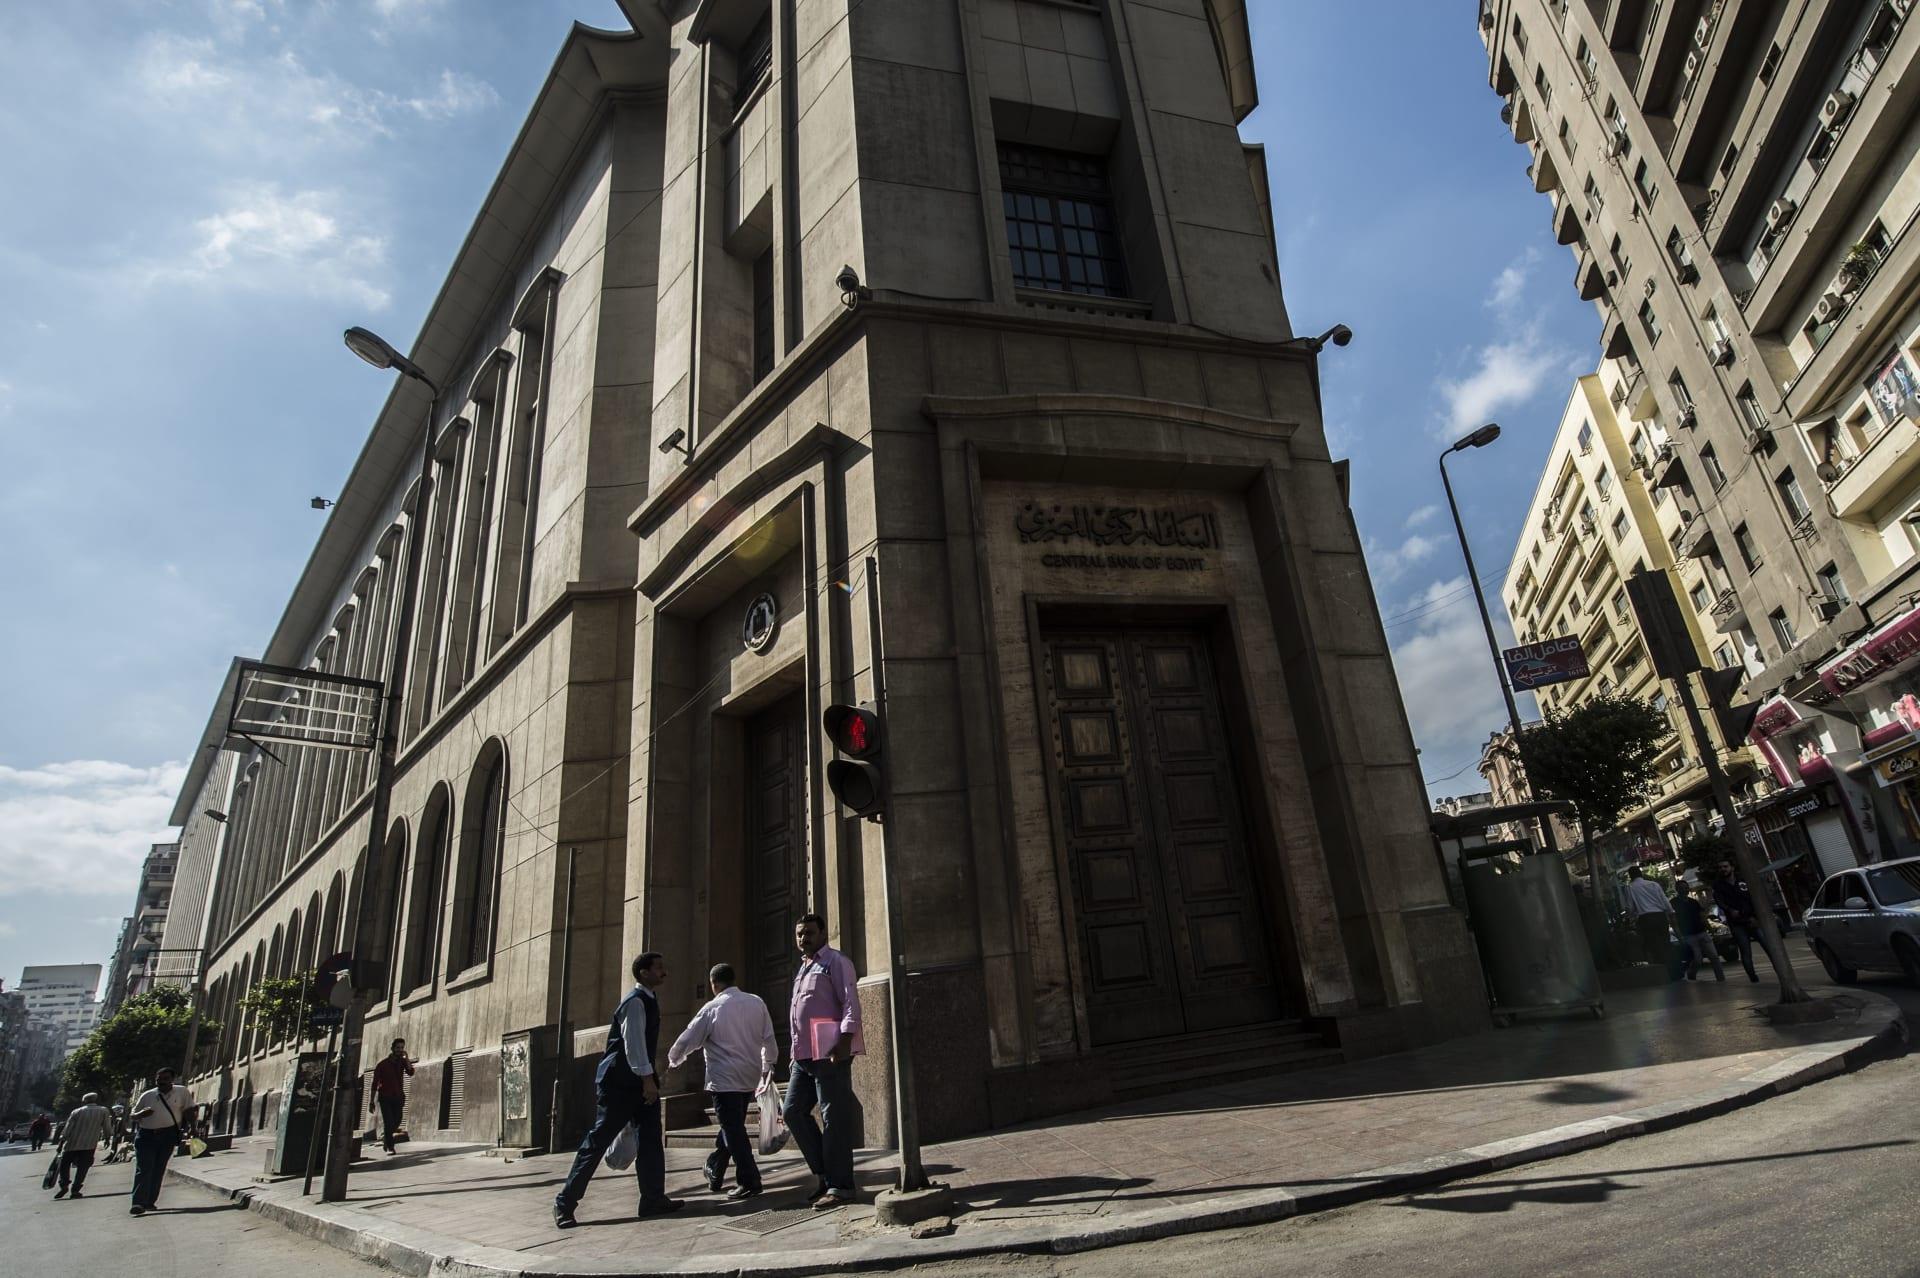 الدين الخارجي في مصر يتراجع بمقدار 1.4 مليار دولار